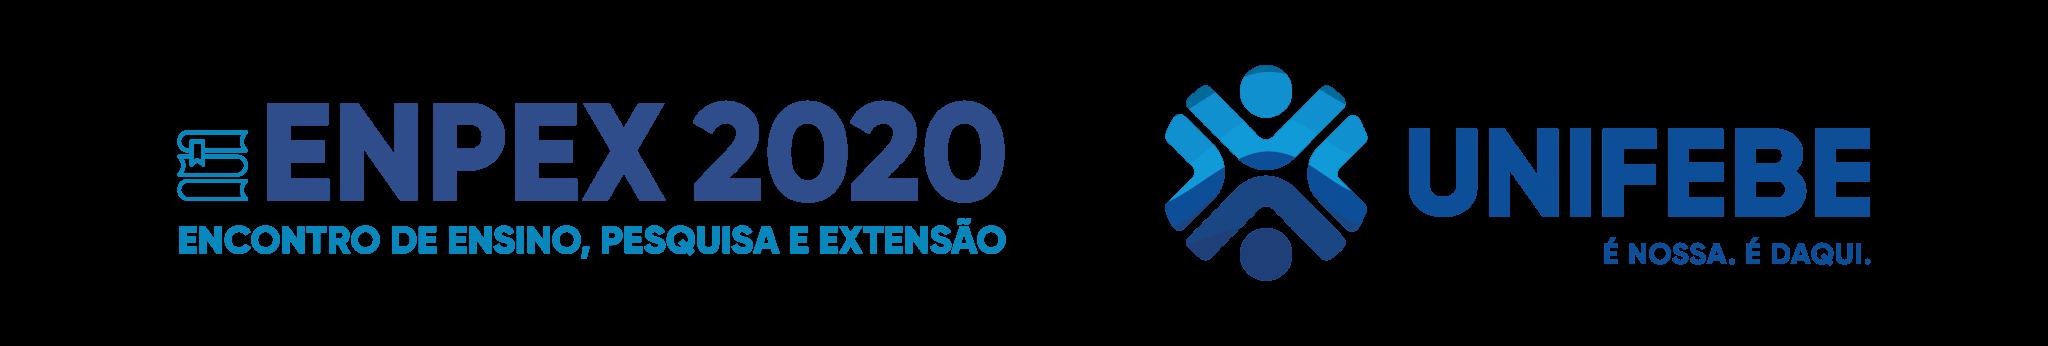 ENPEX-2020